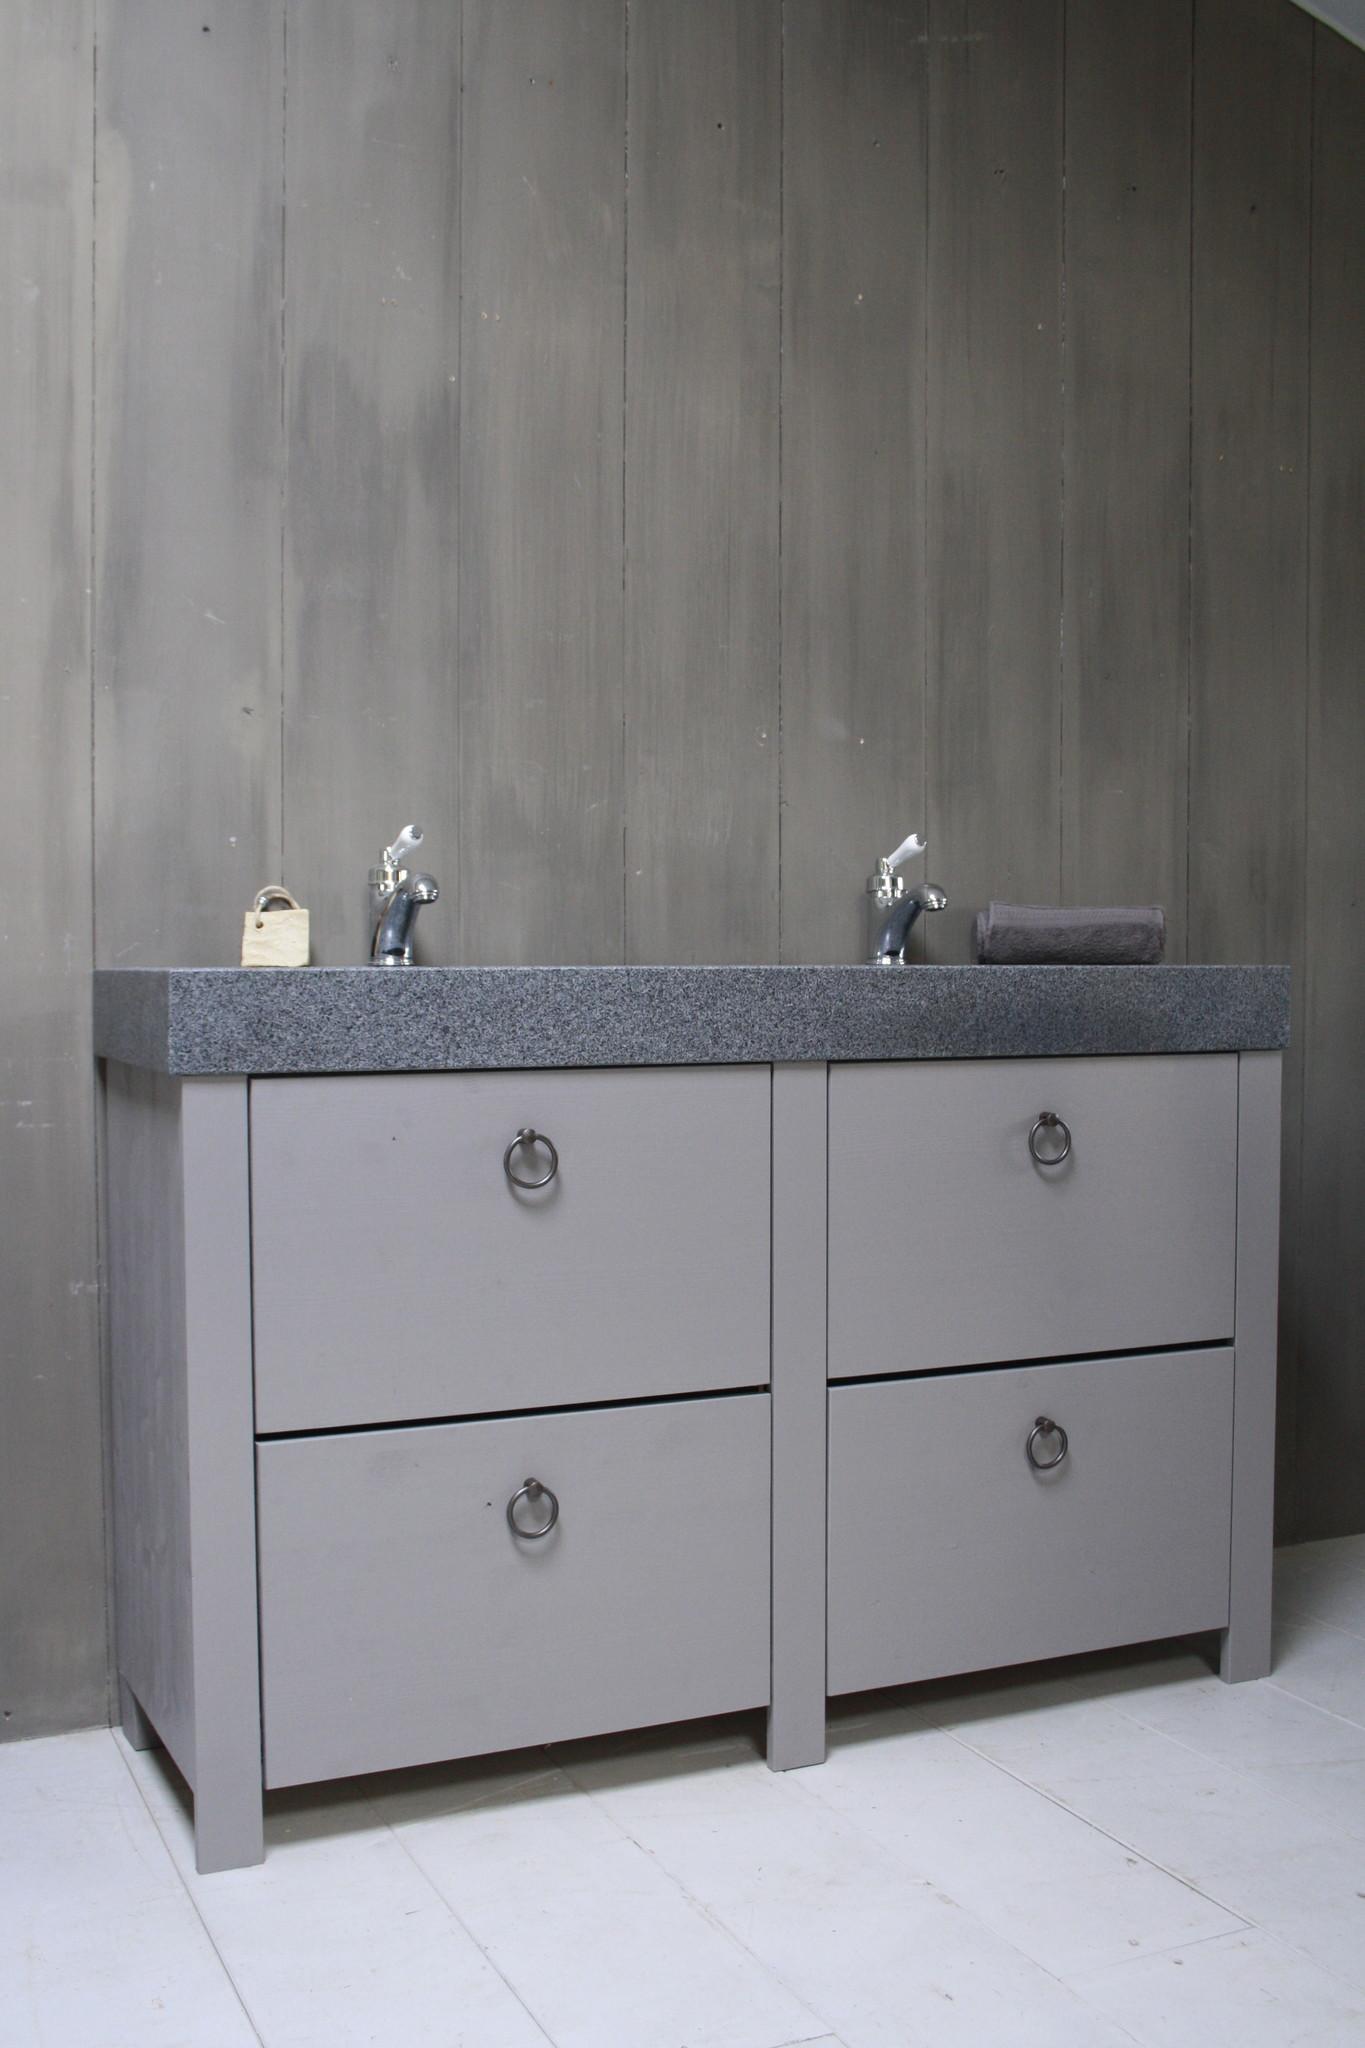 Landelijk badkamermeubel grijs 140 cm met 4 lades en dubbele spoelbak-1